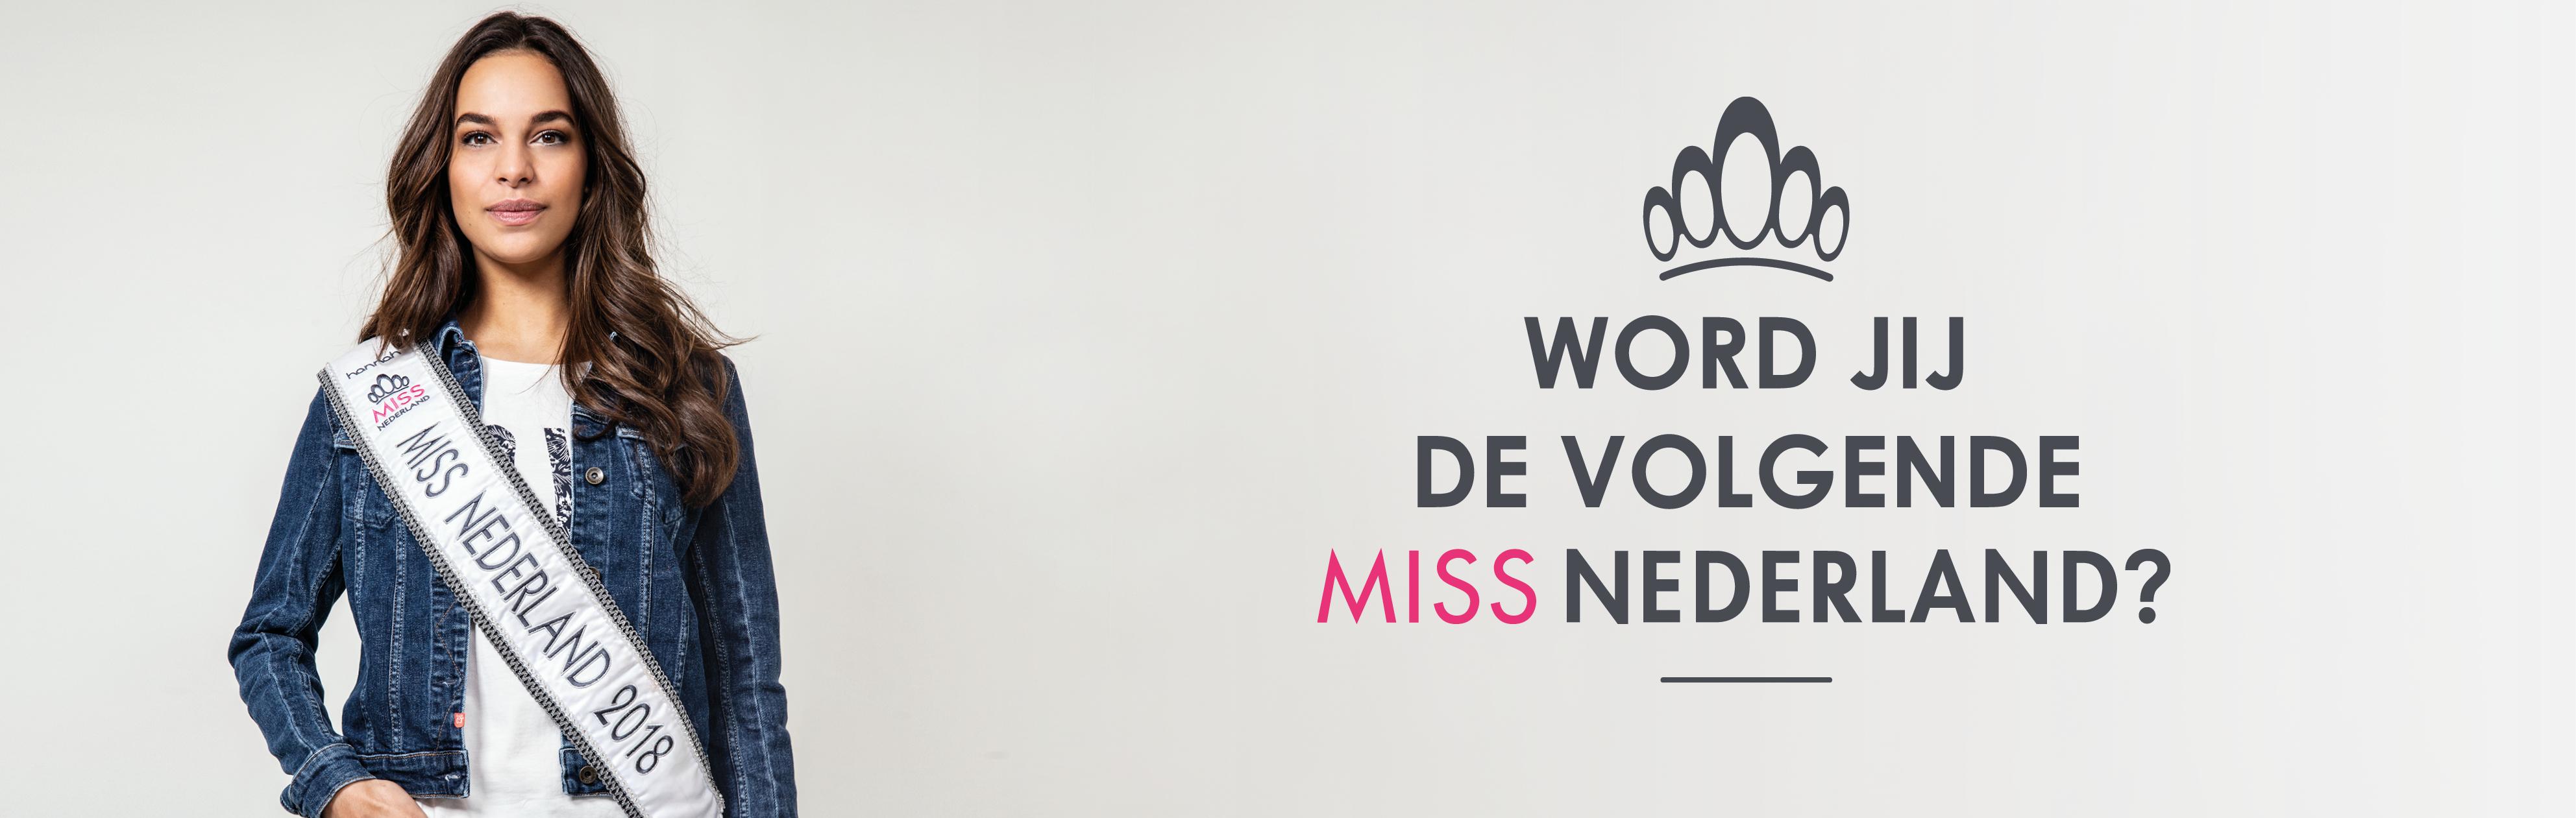 Miss Nederland